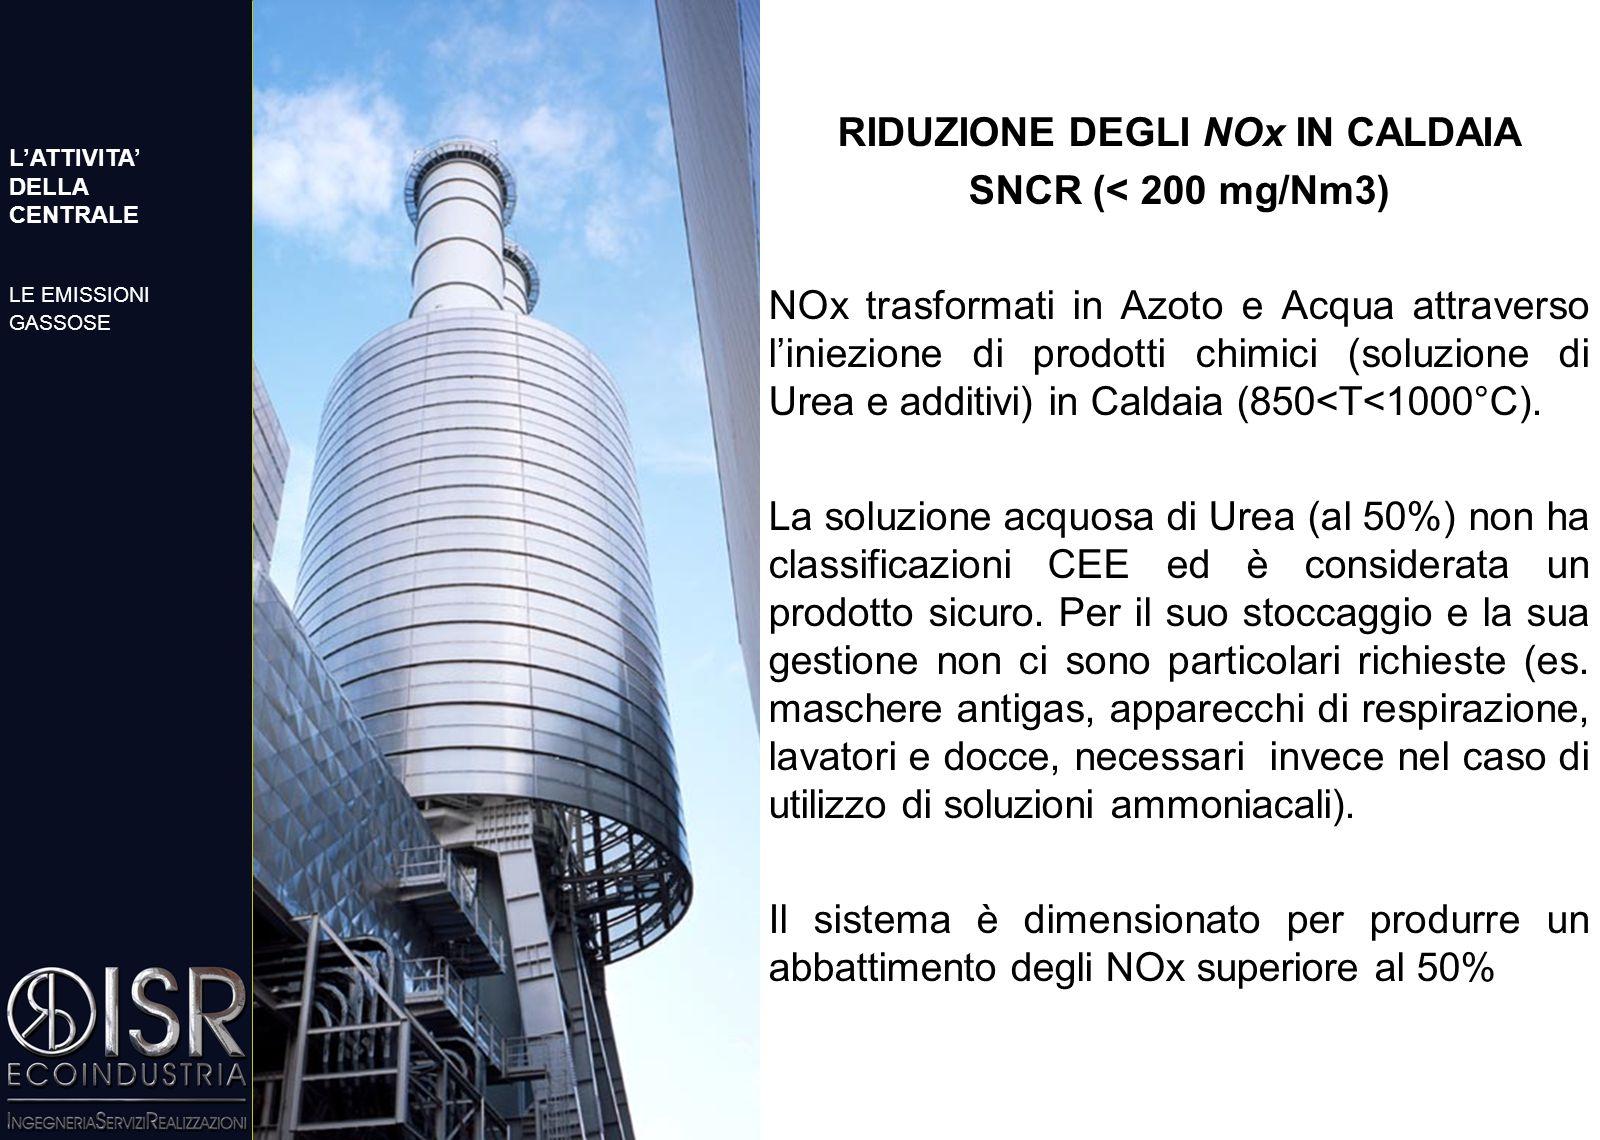 RIDUZIONE DEGLI NOx IN CALDAIA SNCR (< 200 mg/Nm3) NOx trasformati in Azoto e Acqua attraverso l'iniezione di prodotti chimici (soluzione di Urea e additivi) in Caldaia (850<T<1000°C).